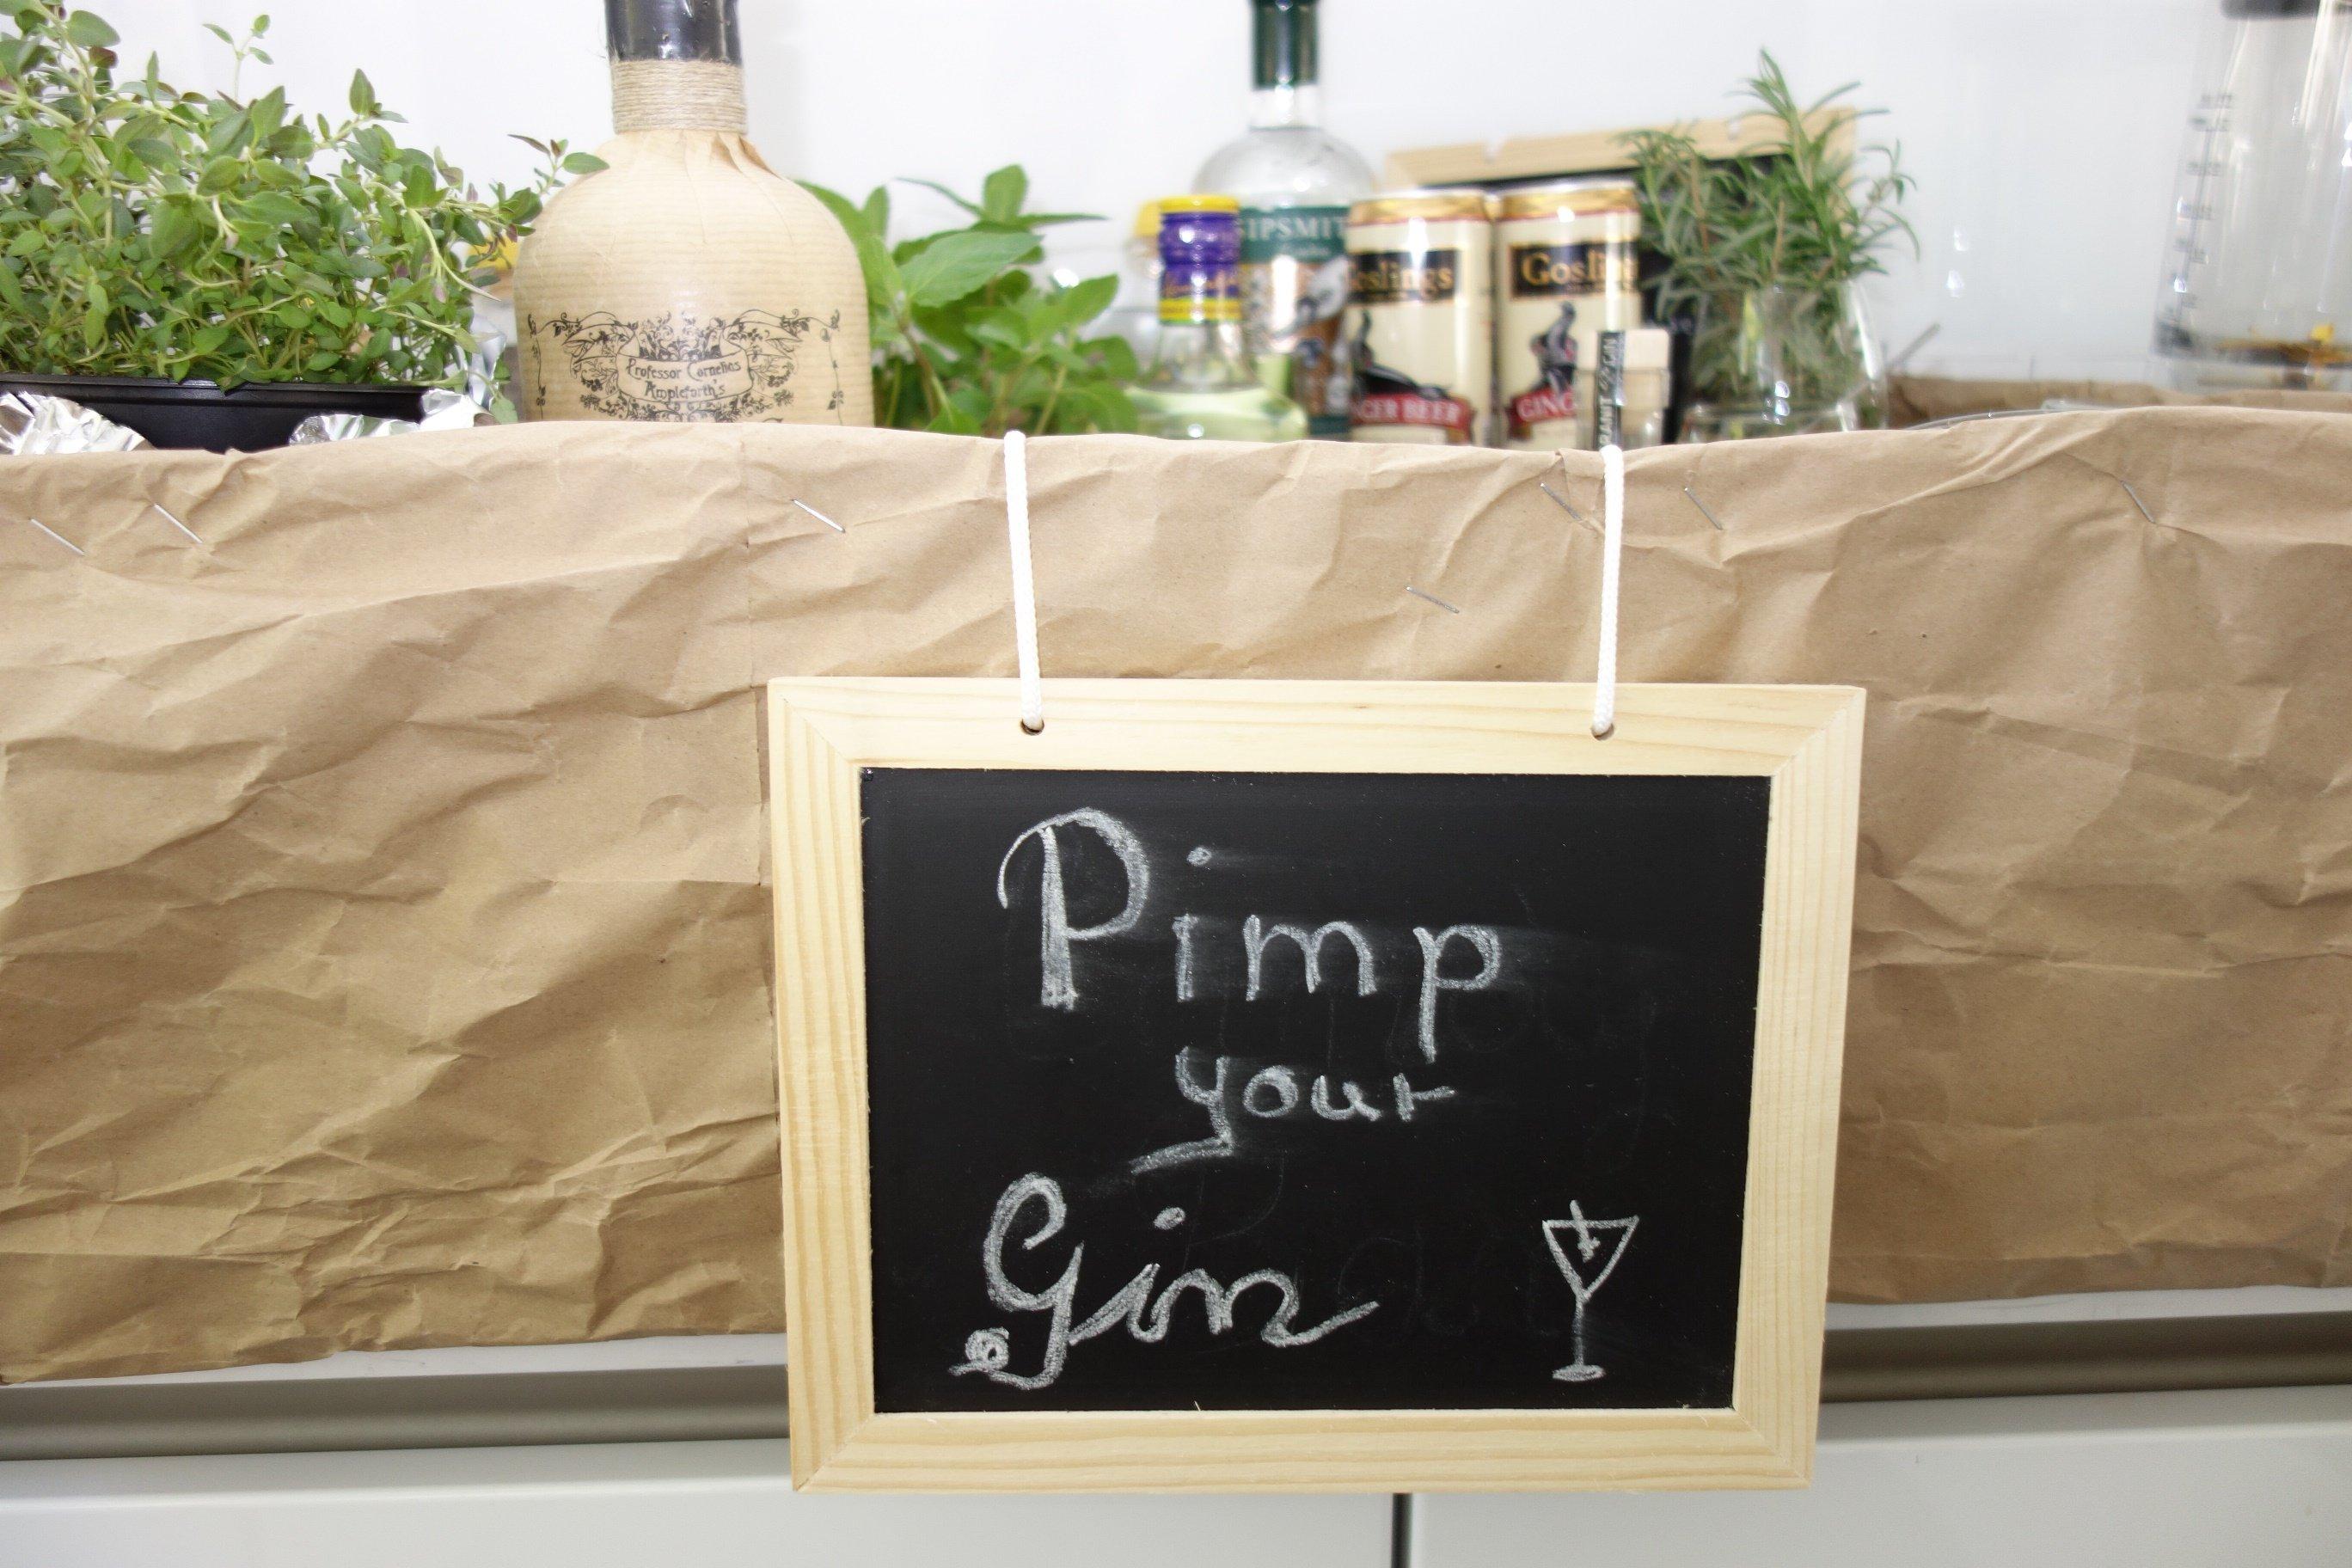 DSC00840 - Pimp your Gin! Eine Gin-Bar für die Feier